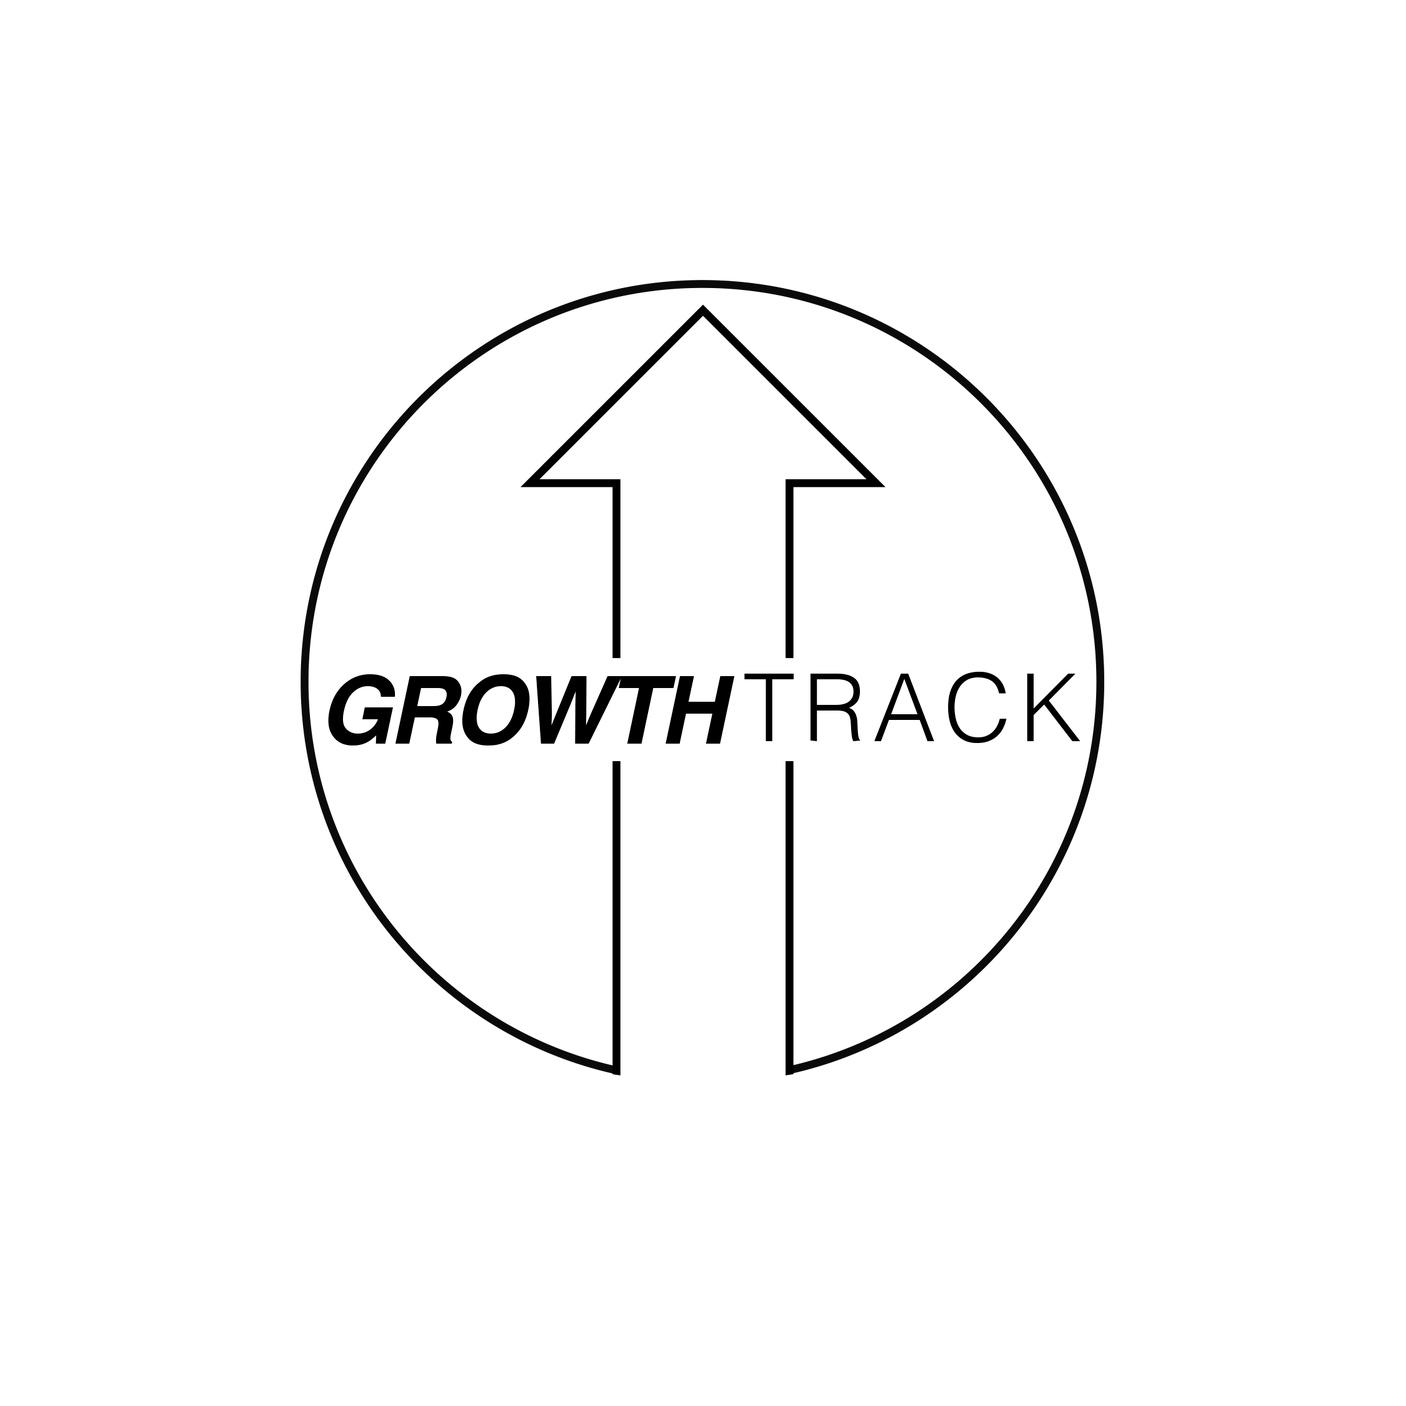 Growth+Track+logo.jpg